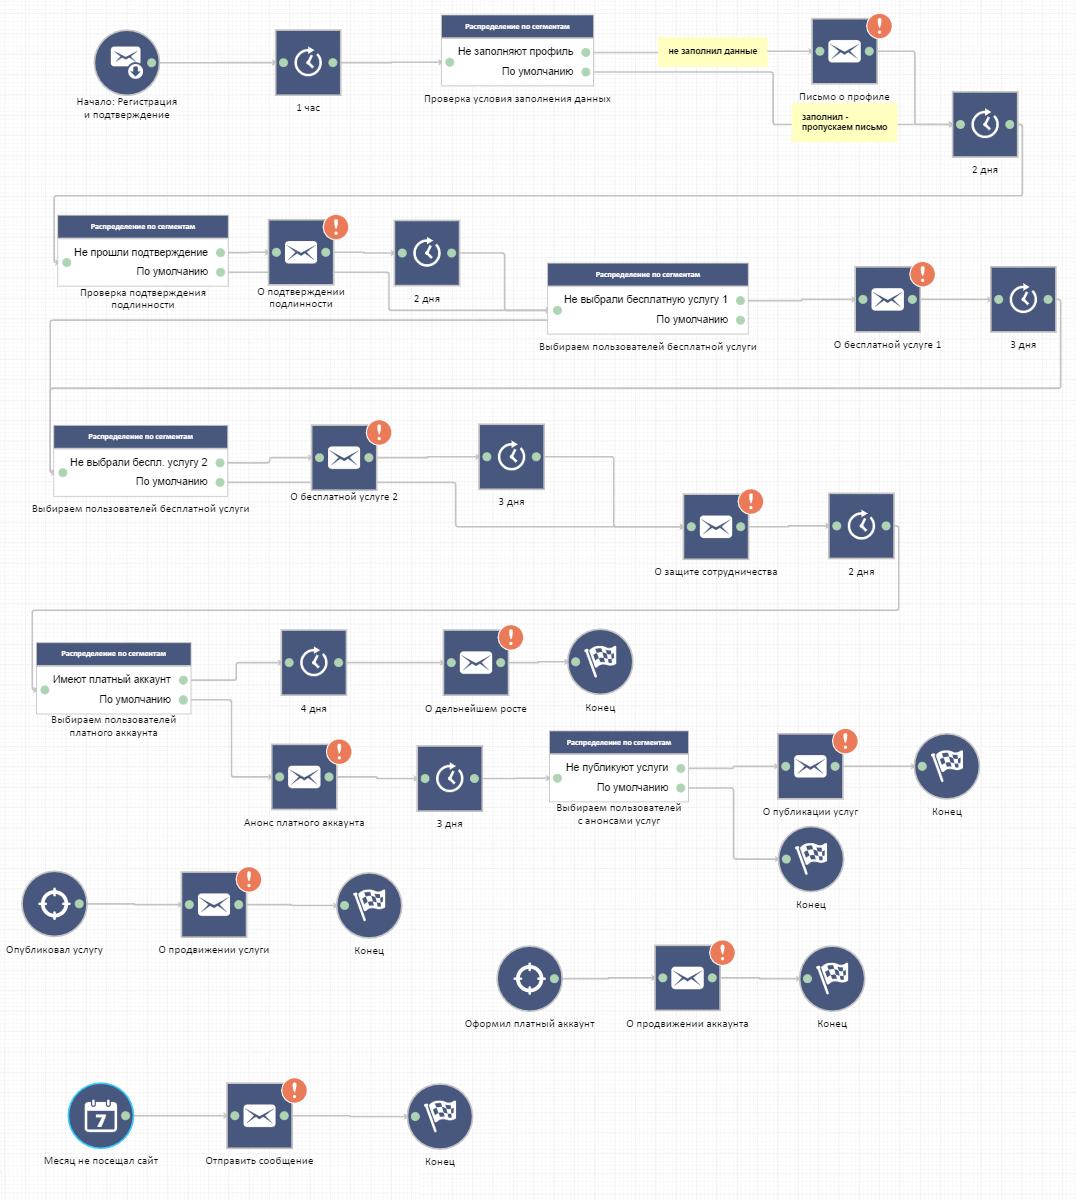 Разработка стратегии email-маркетинга с пошаговой инструкцией